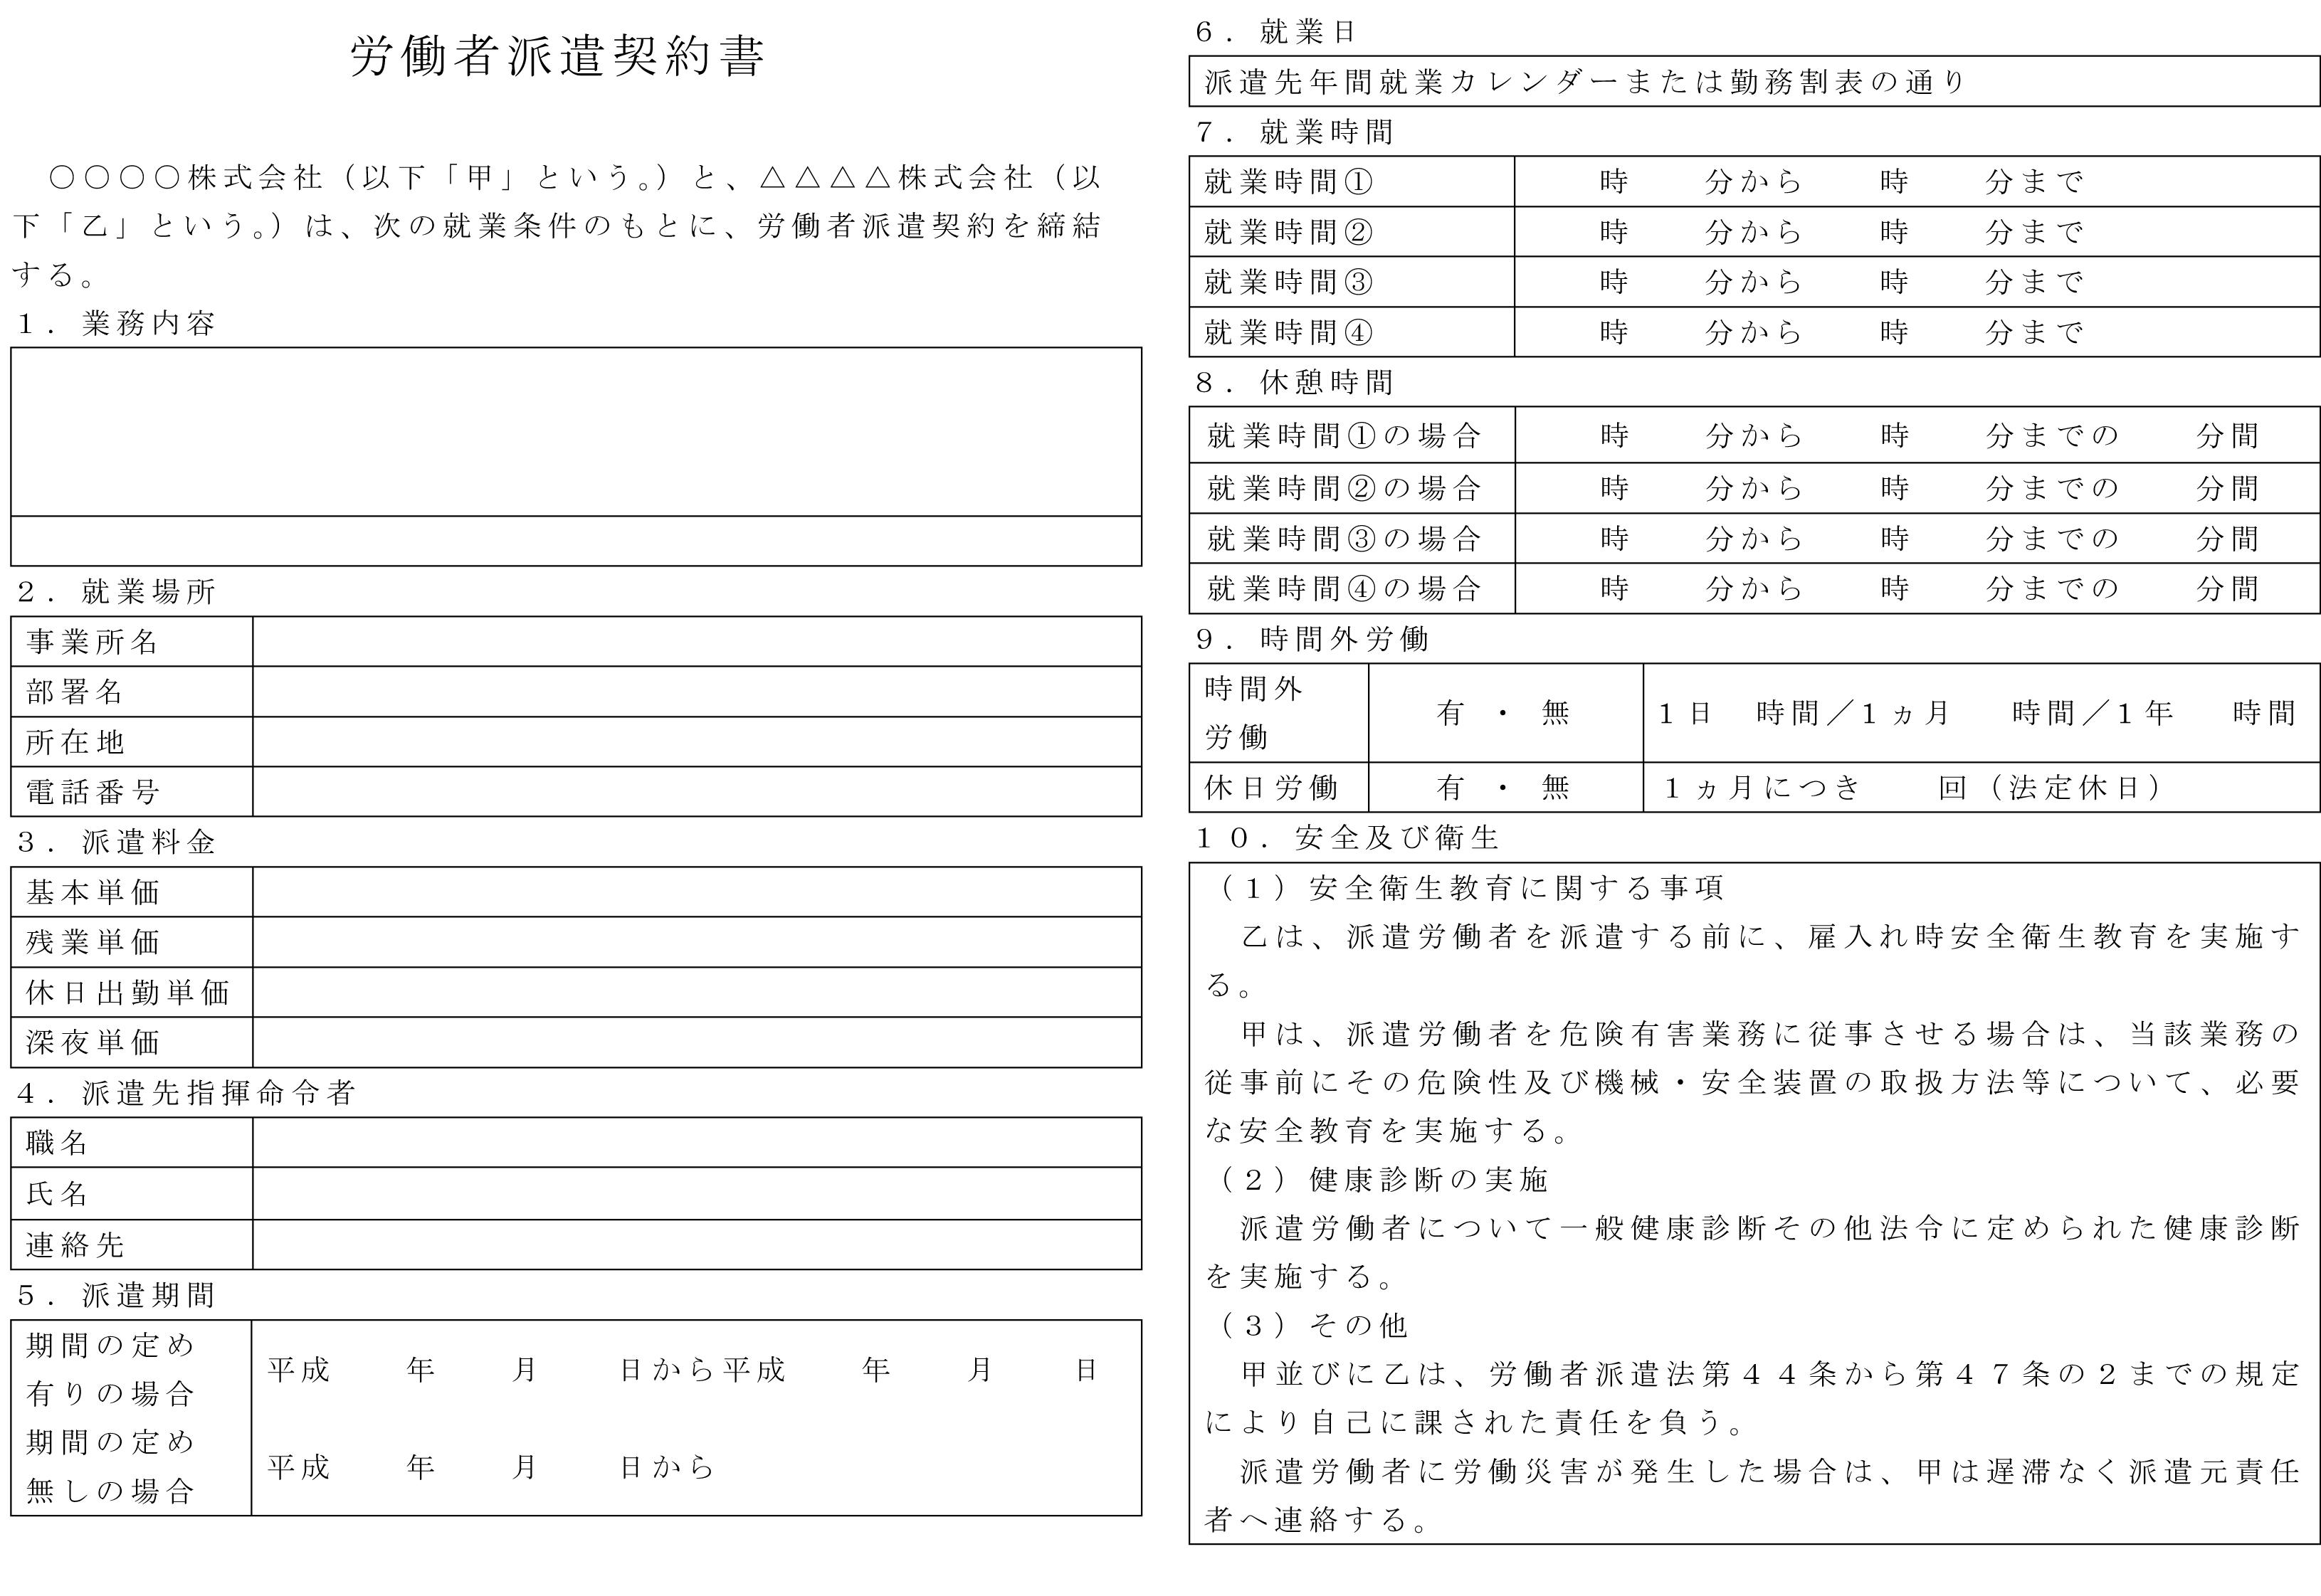 労働者派遣契約書のテンプレート書式2